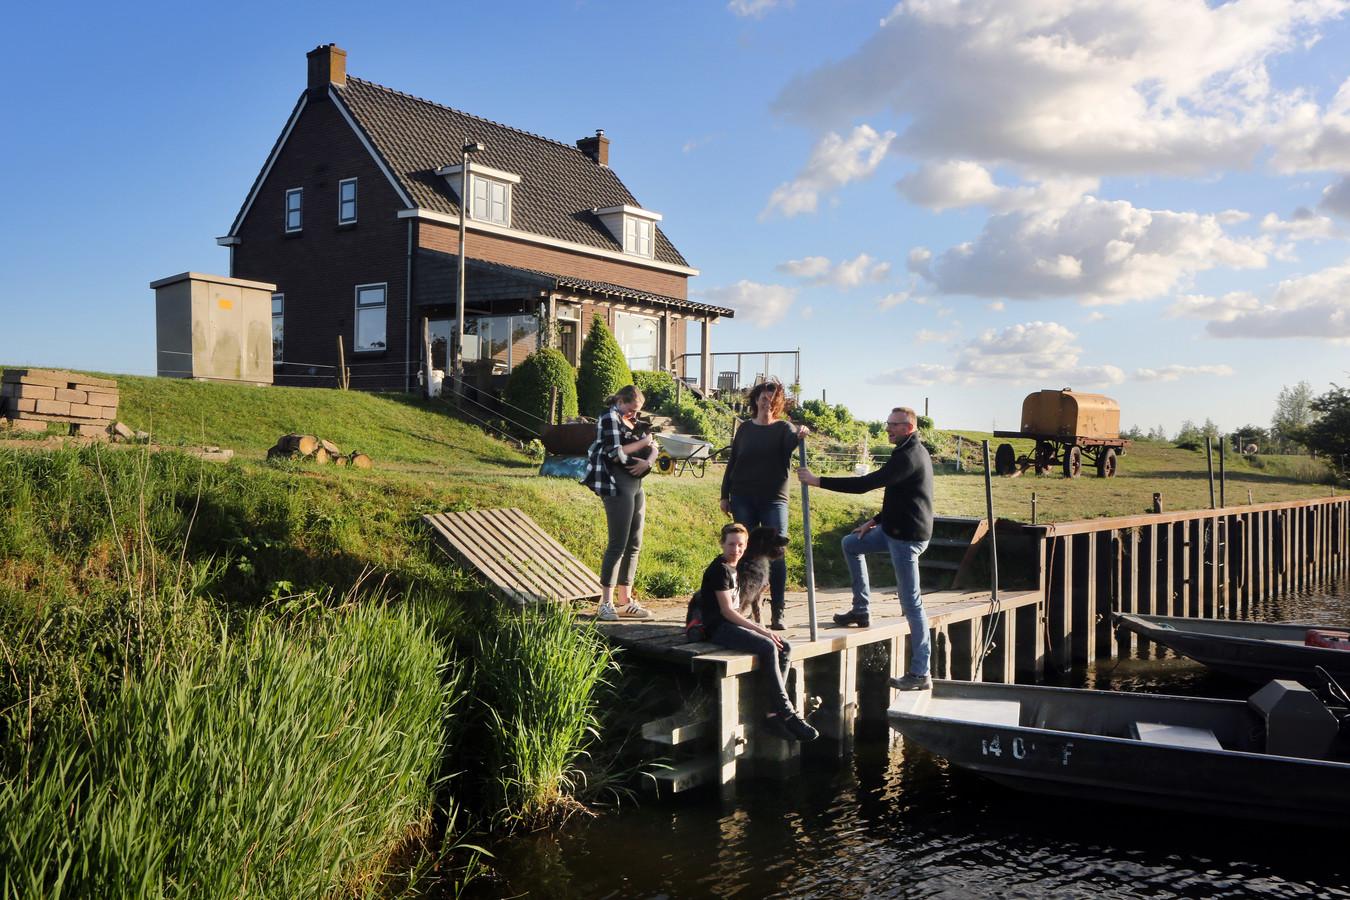 Familie van Bergeijk woont midden in de Biesbosch. Vader Ad, moeder Merie en de kinderen Nova (18) en Adam (15). Buitenleven!